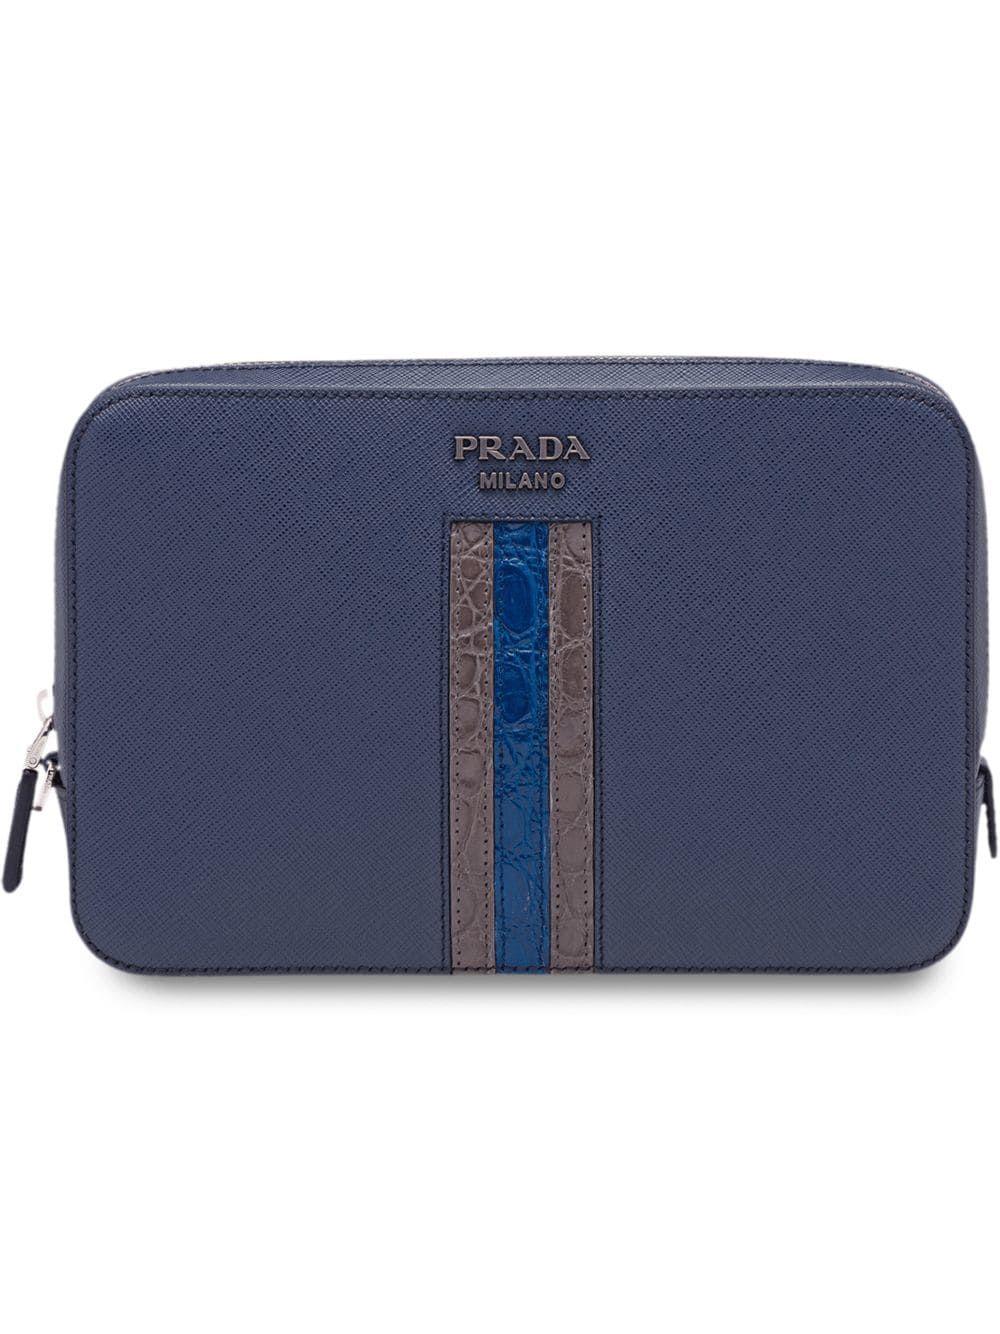 4253e9416826 PRADA PRADA SAFFIANO LEATHER MEN'S BAG - BLUE. #prada #bags #leather #pouch  #accessories